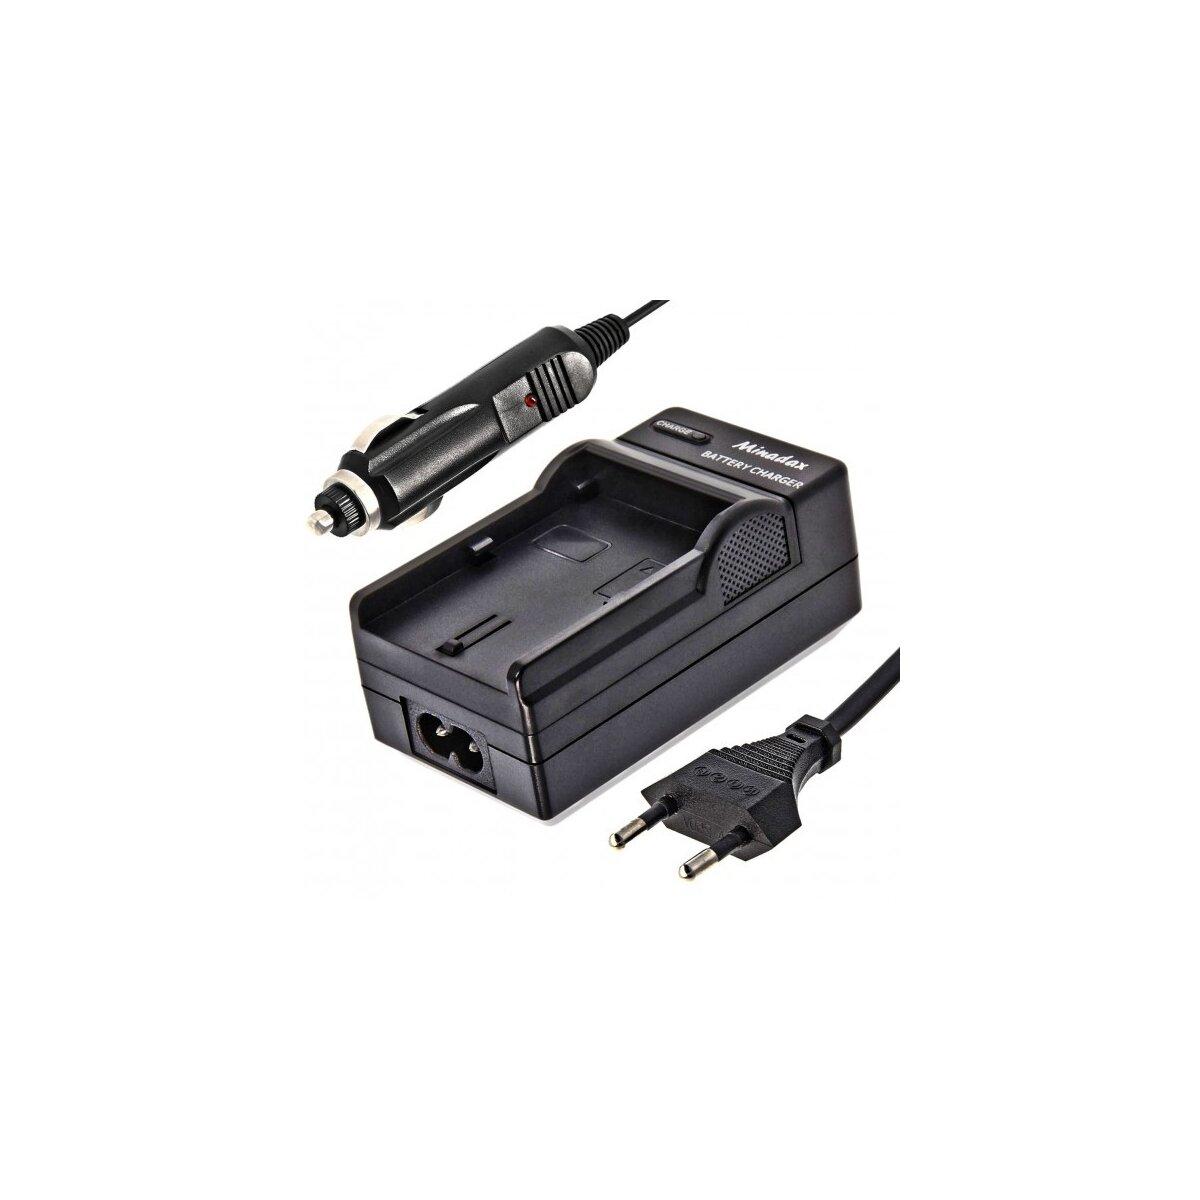 Minadax® Ladegerät 100% kompatibel für Panasonic DMW-BLC12 inkl. Auto Ladekabel, Ladeschale austauschbar